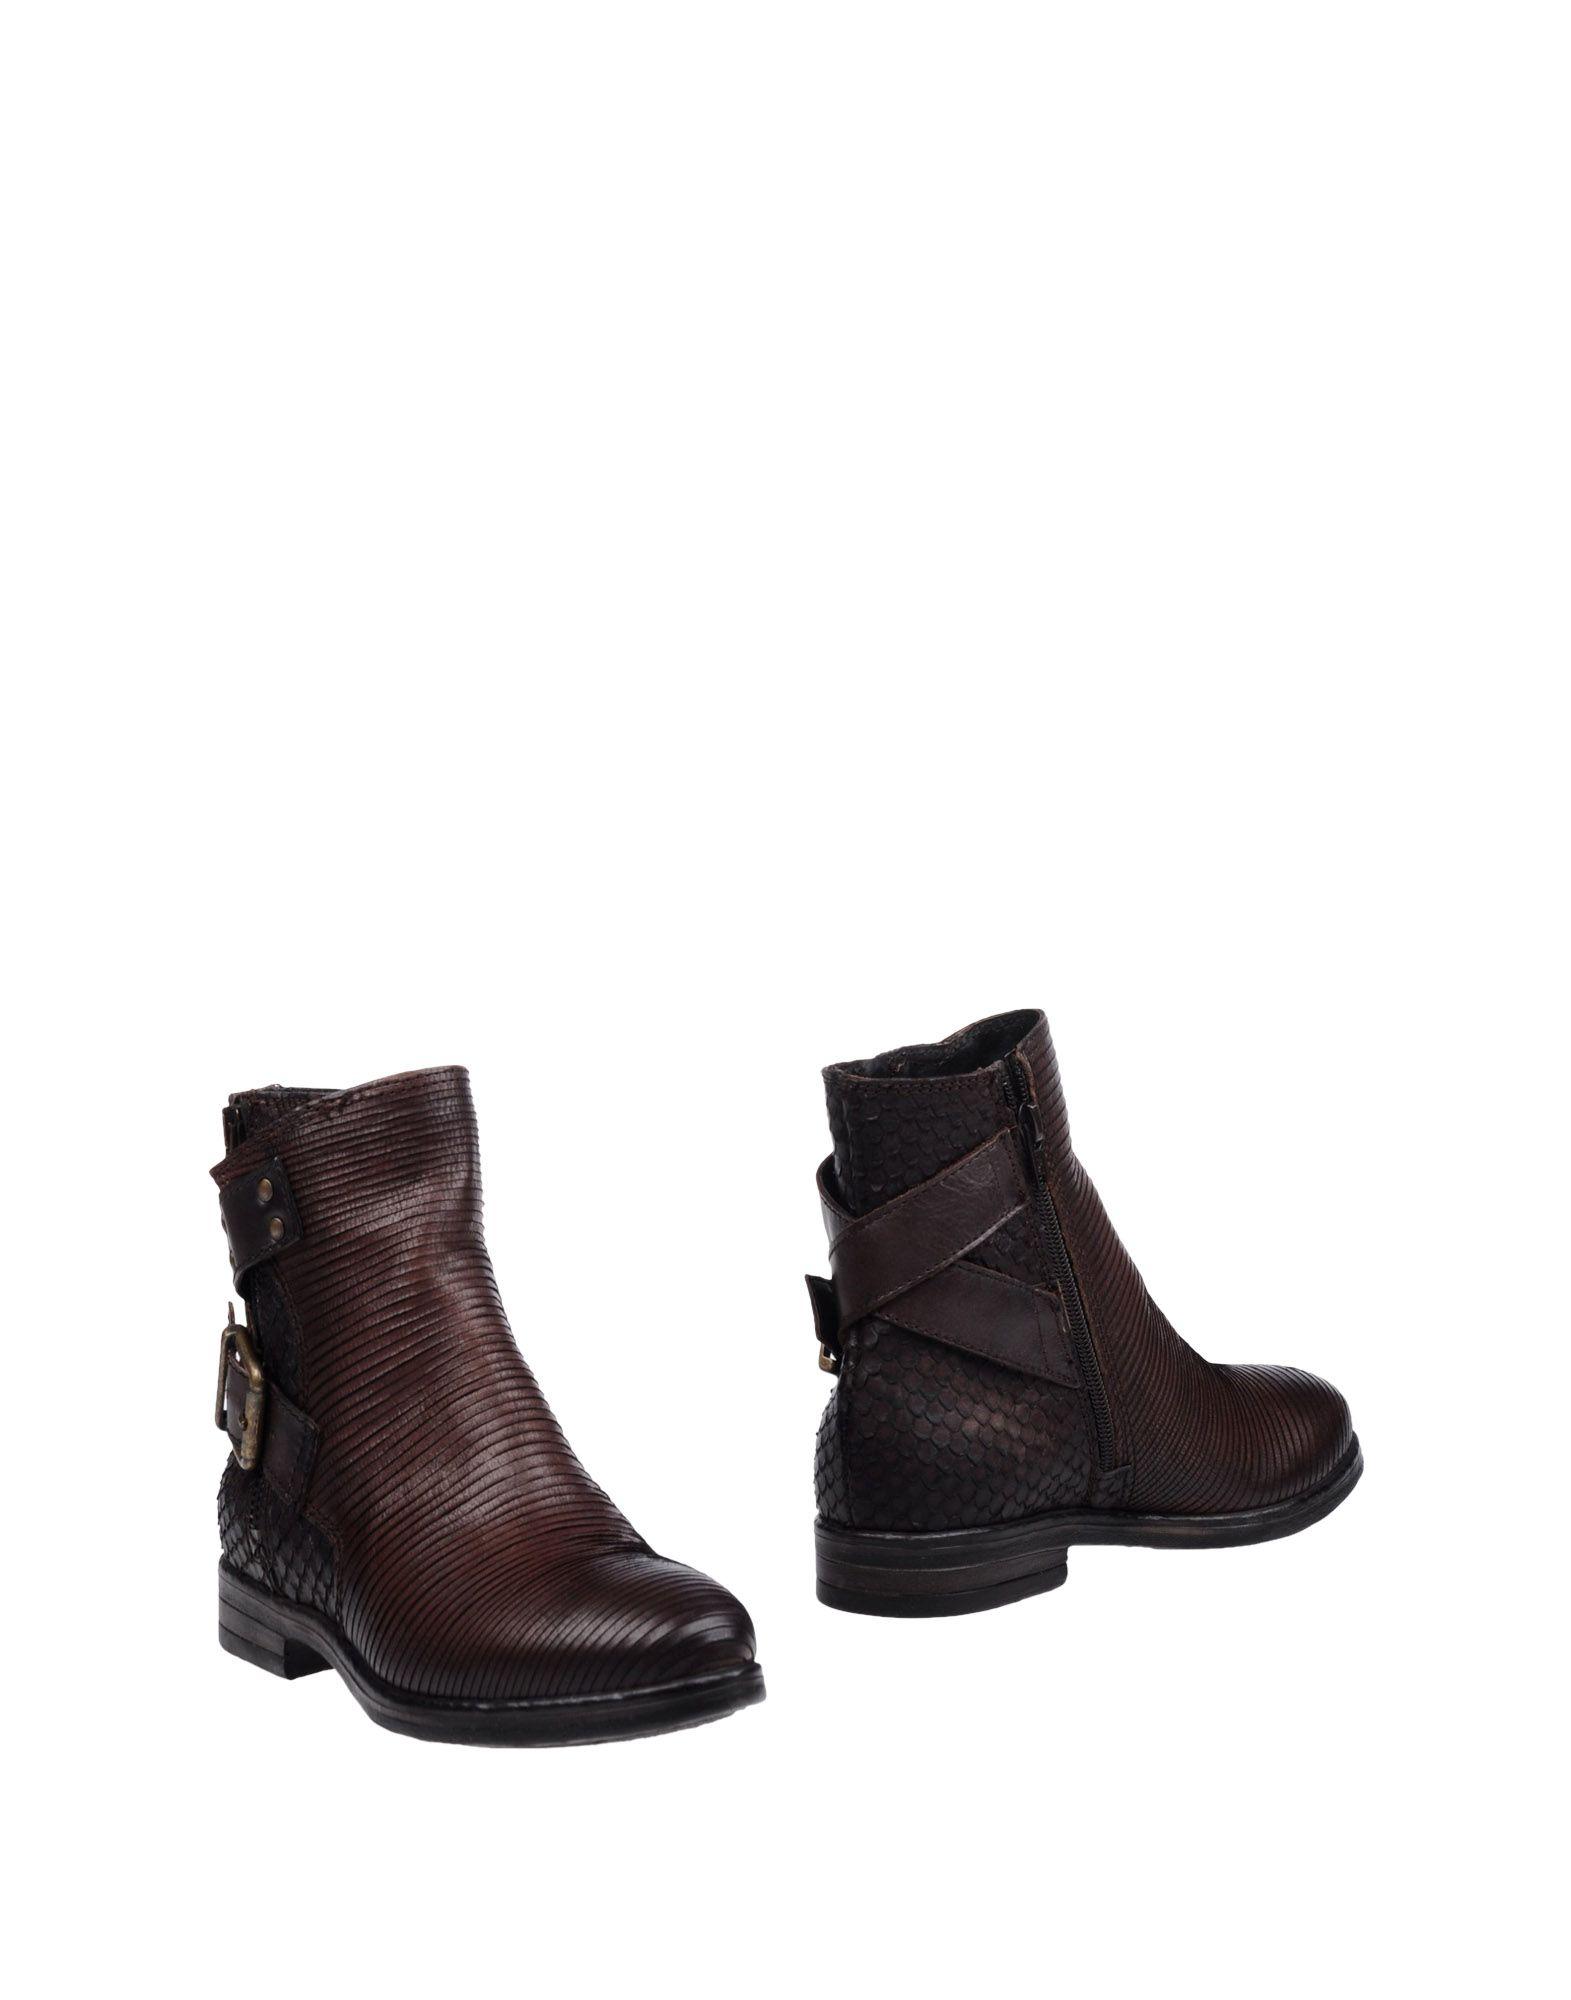 Bagatt Stiefelette Damen  11283132UK Gute Qualität beliebte Schuhe